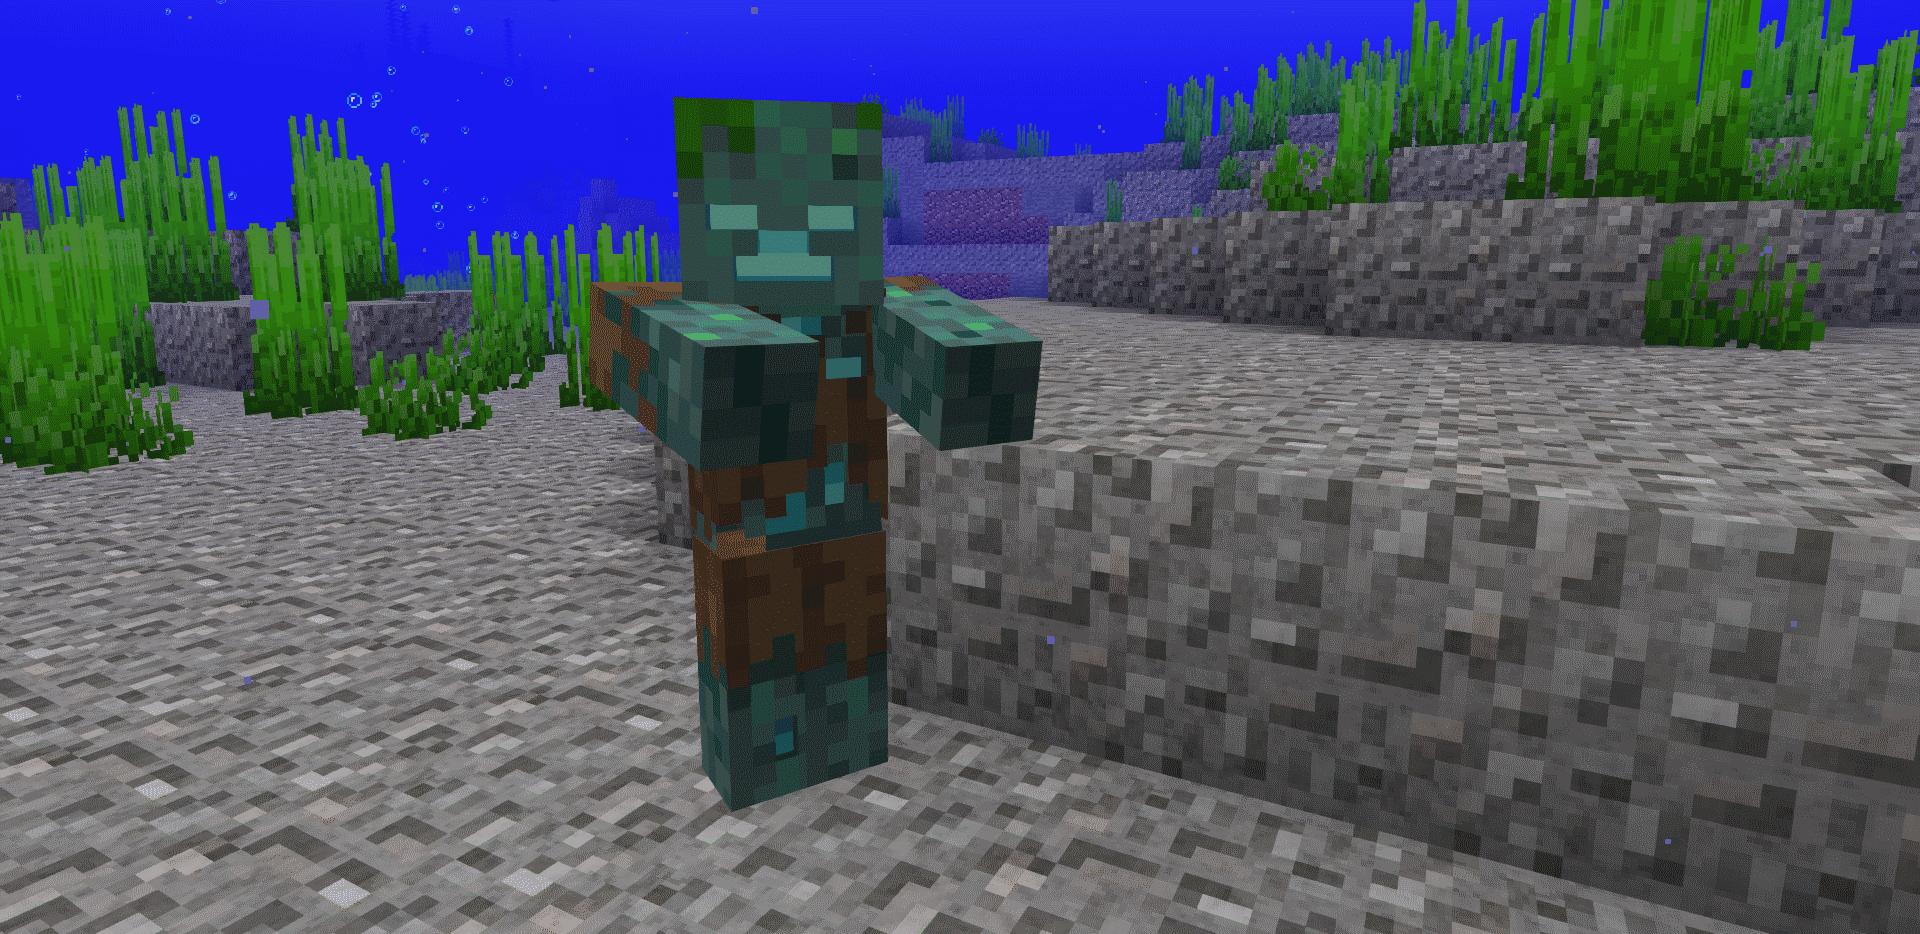 Minecraft Screenshot 2018.03.14 - 17.36.54.05.png